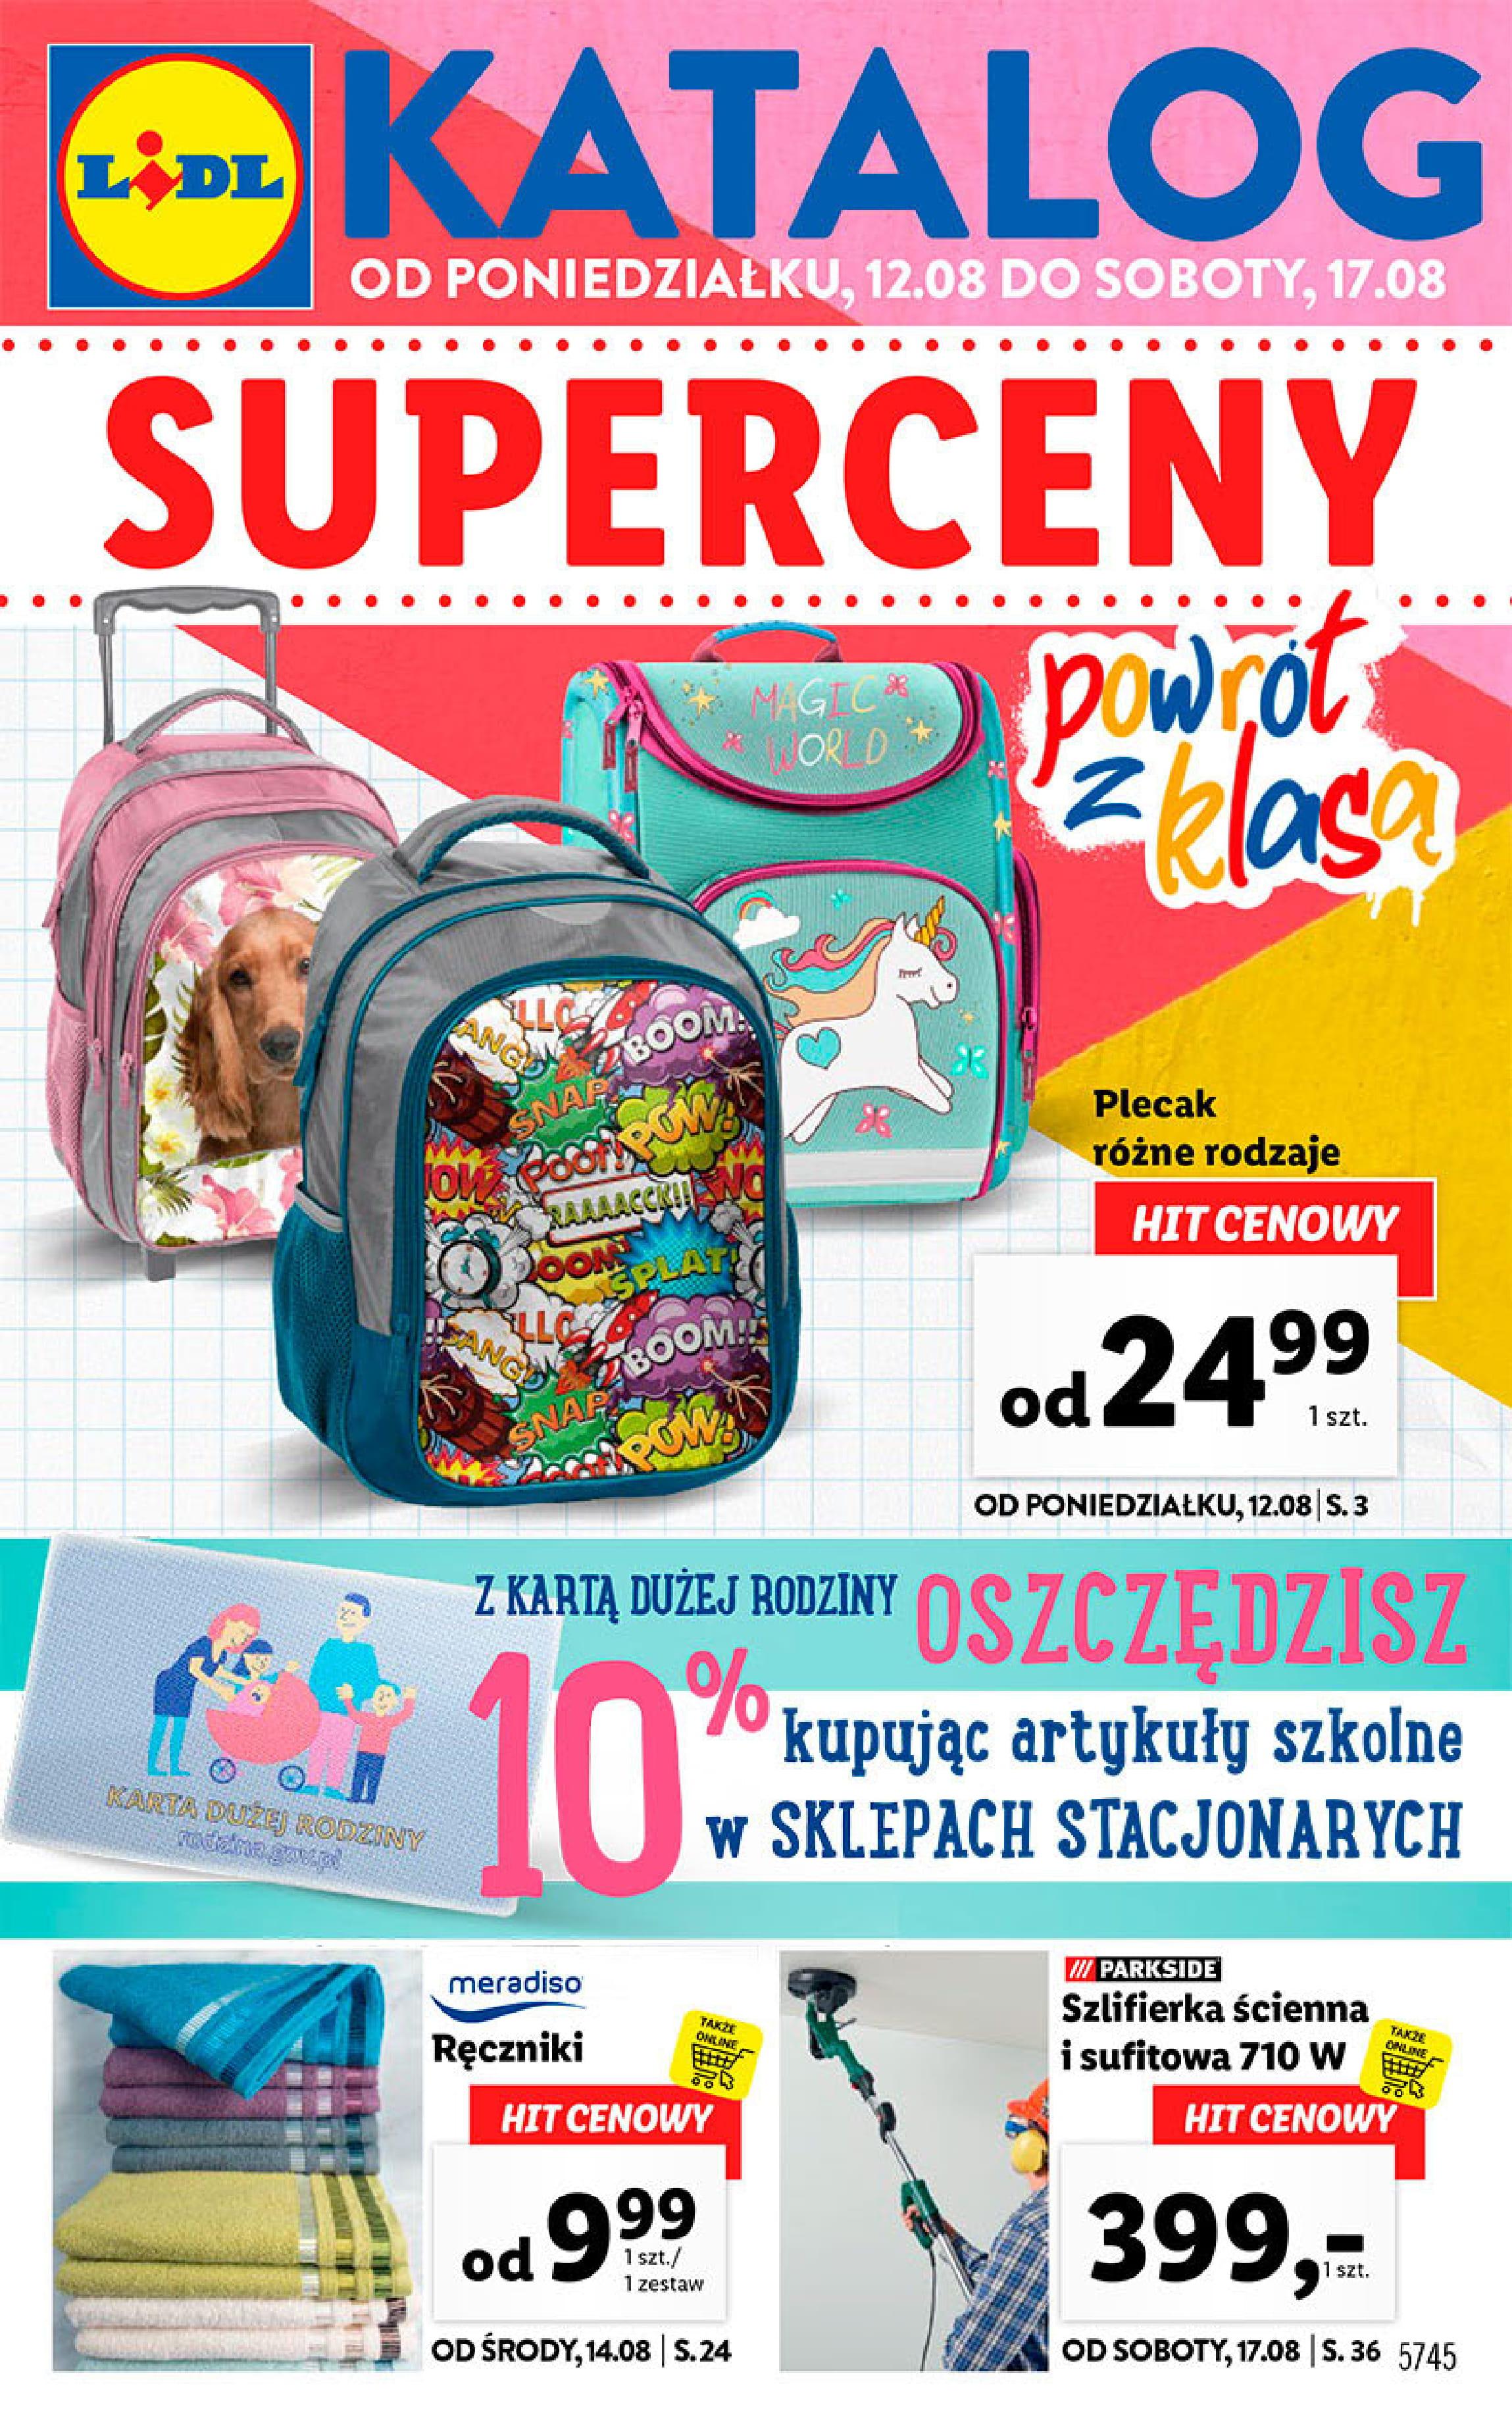 Lidl: Katalog Super Ceny – ważny od 12.08 do 17.08